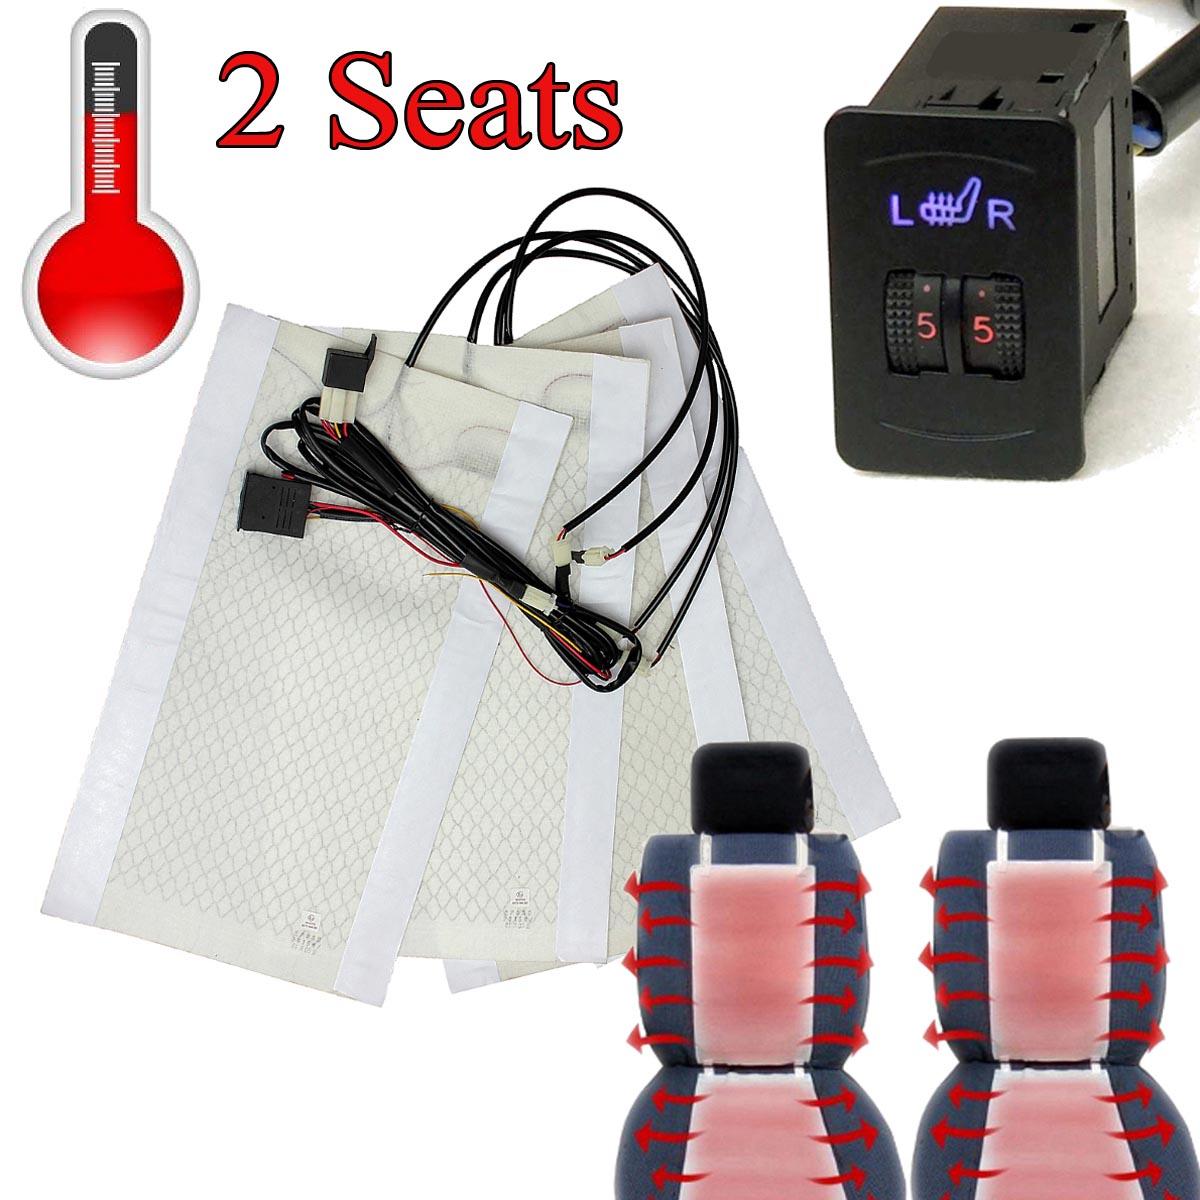 2 sitze 4 Pads Universal-Carbon Faser Beheizte Sitz Heizung 12 v Pads 2 Zifferblatt 5 Ebene Schalter Winter Wärmer sitzbezüge 2/5 ebene